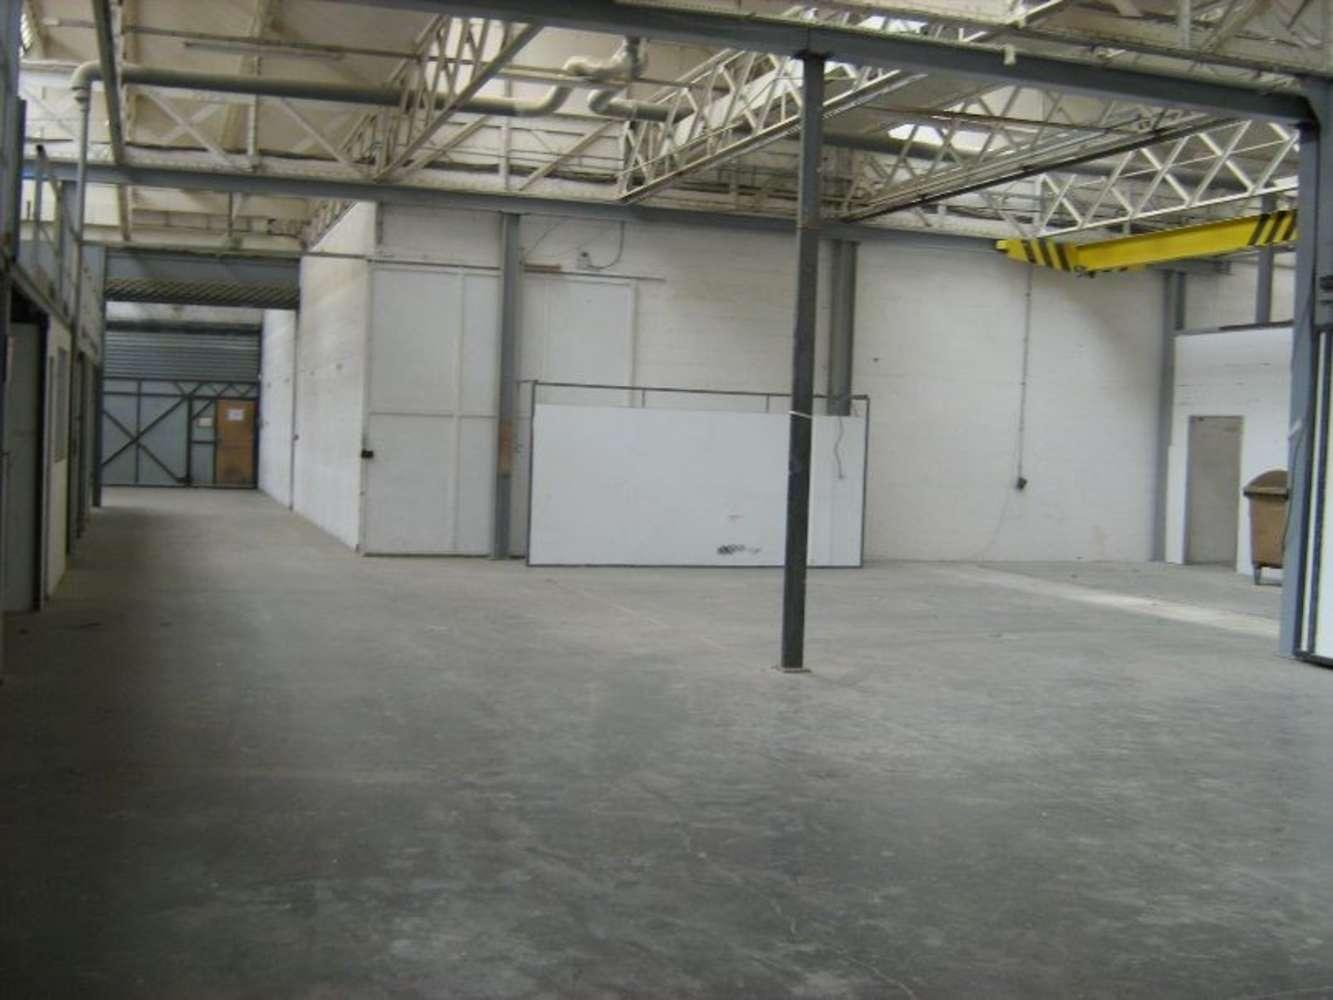 Activités/entrepôt Courbevoie, 92400 - 47-55 AVENUE DE L'EUROPE - 9445219